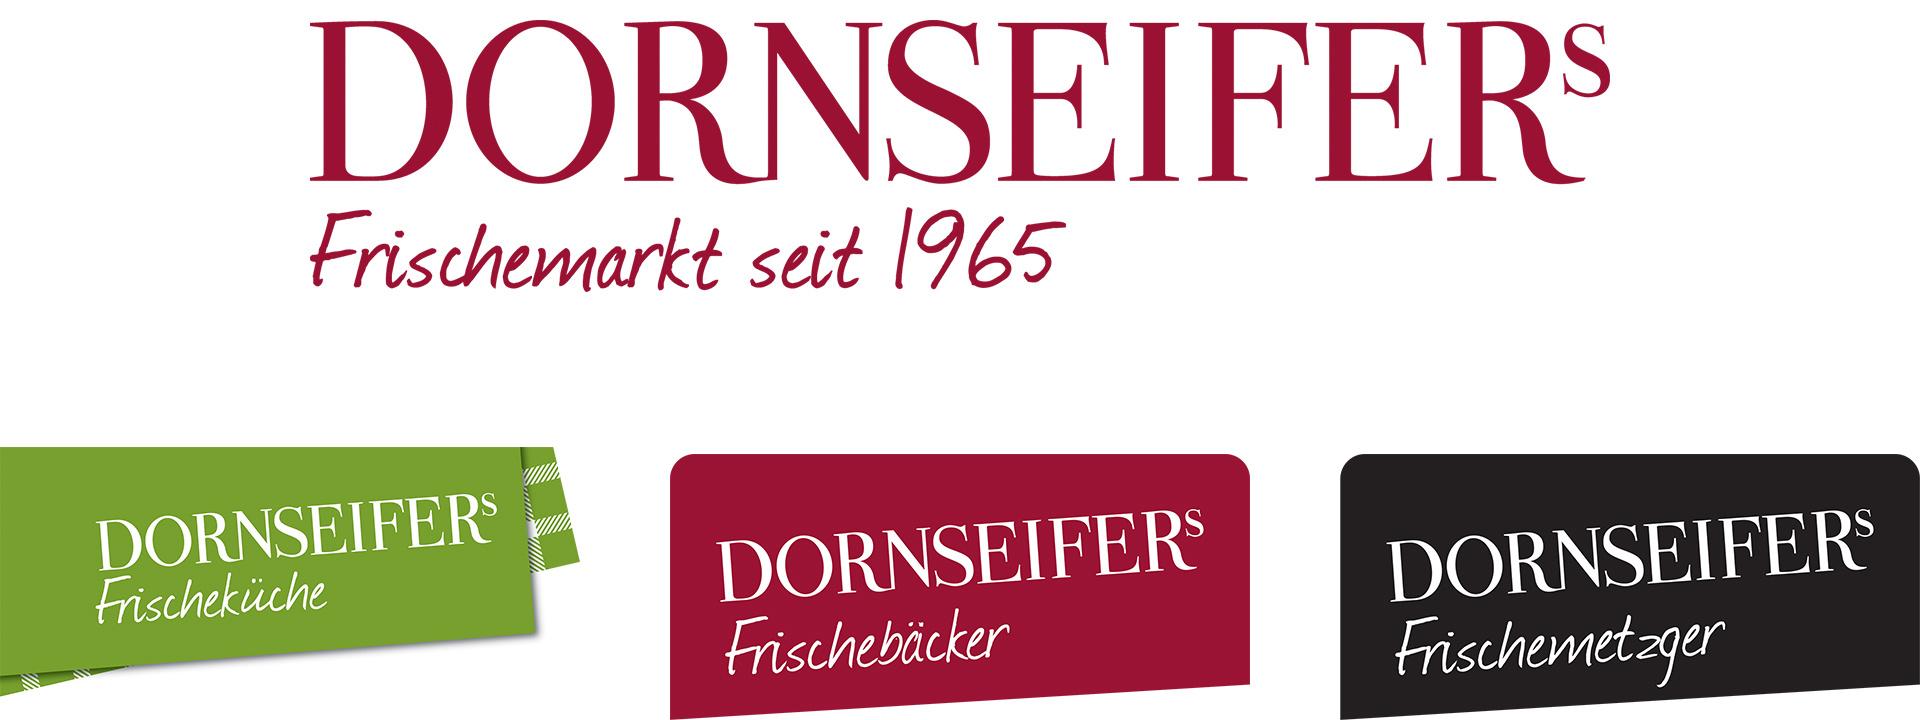 Dornseifers